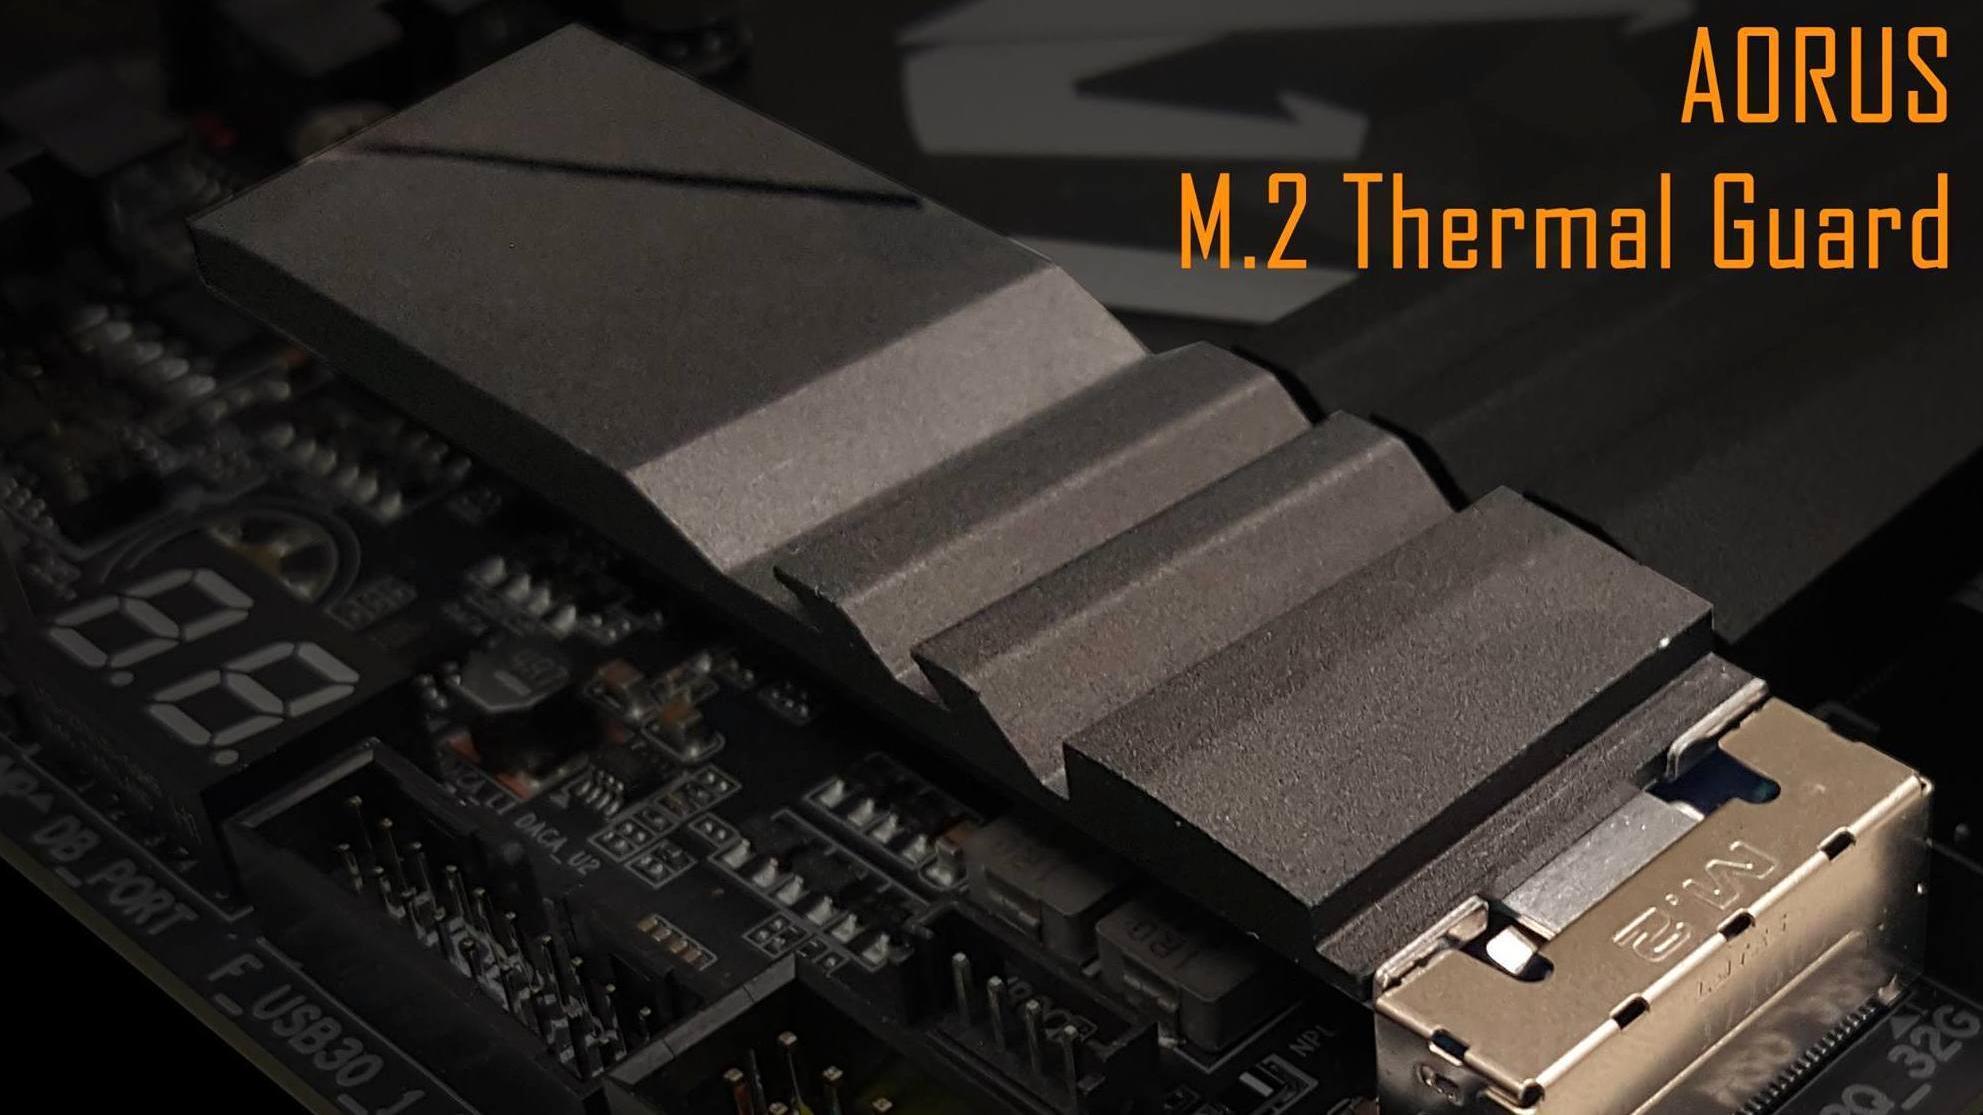 Nå har hovedkortprodusentene skjønt at en M.2-SSD trenger kjøling